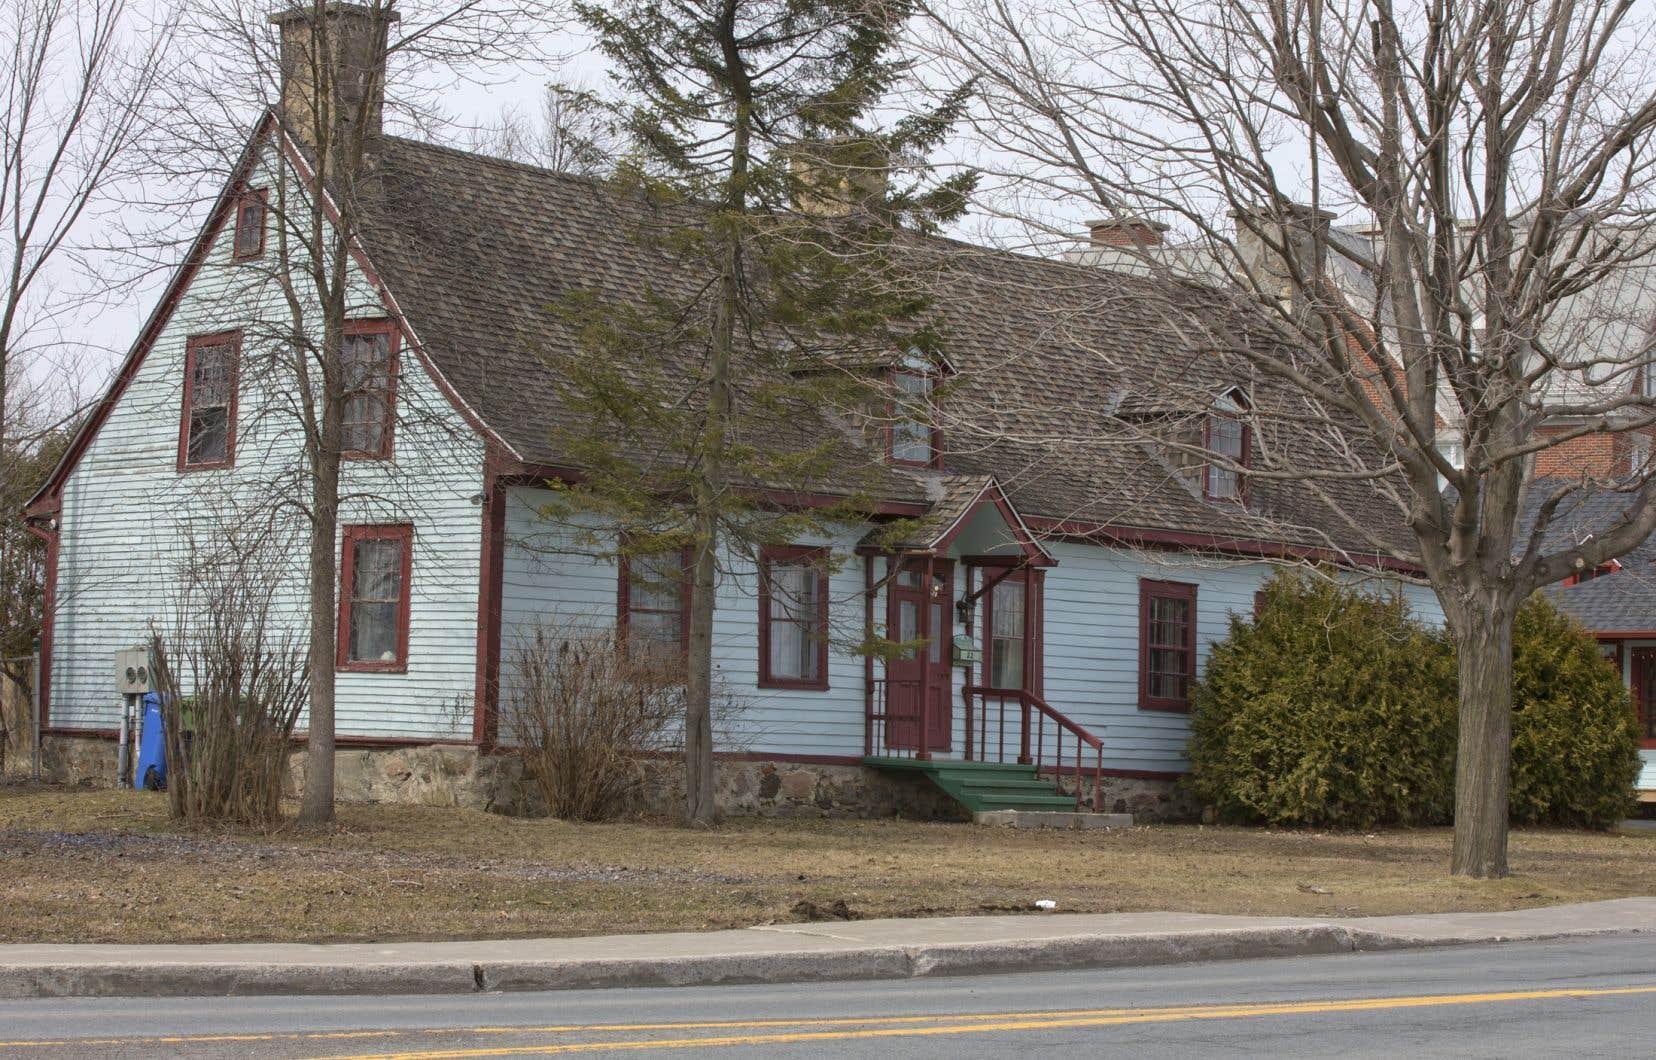 L'état de dégradation de la maison était trop avancé pour la restaurer, selon la Ville.